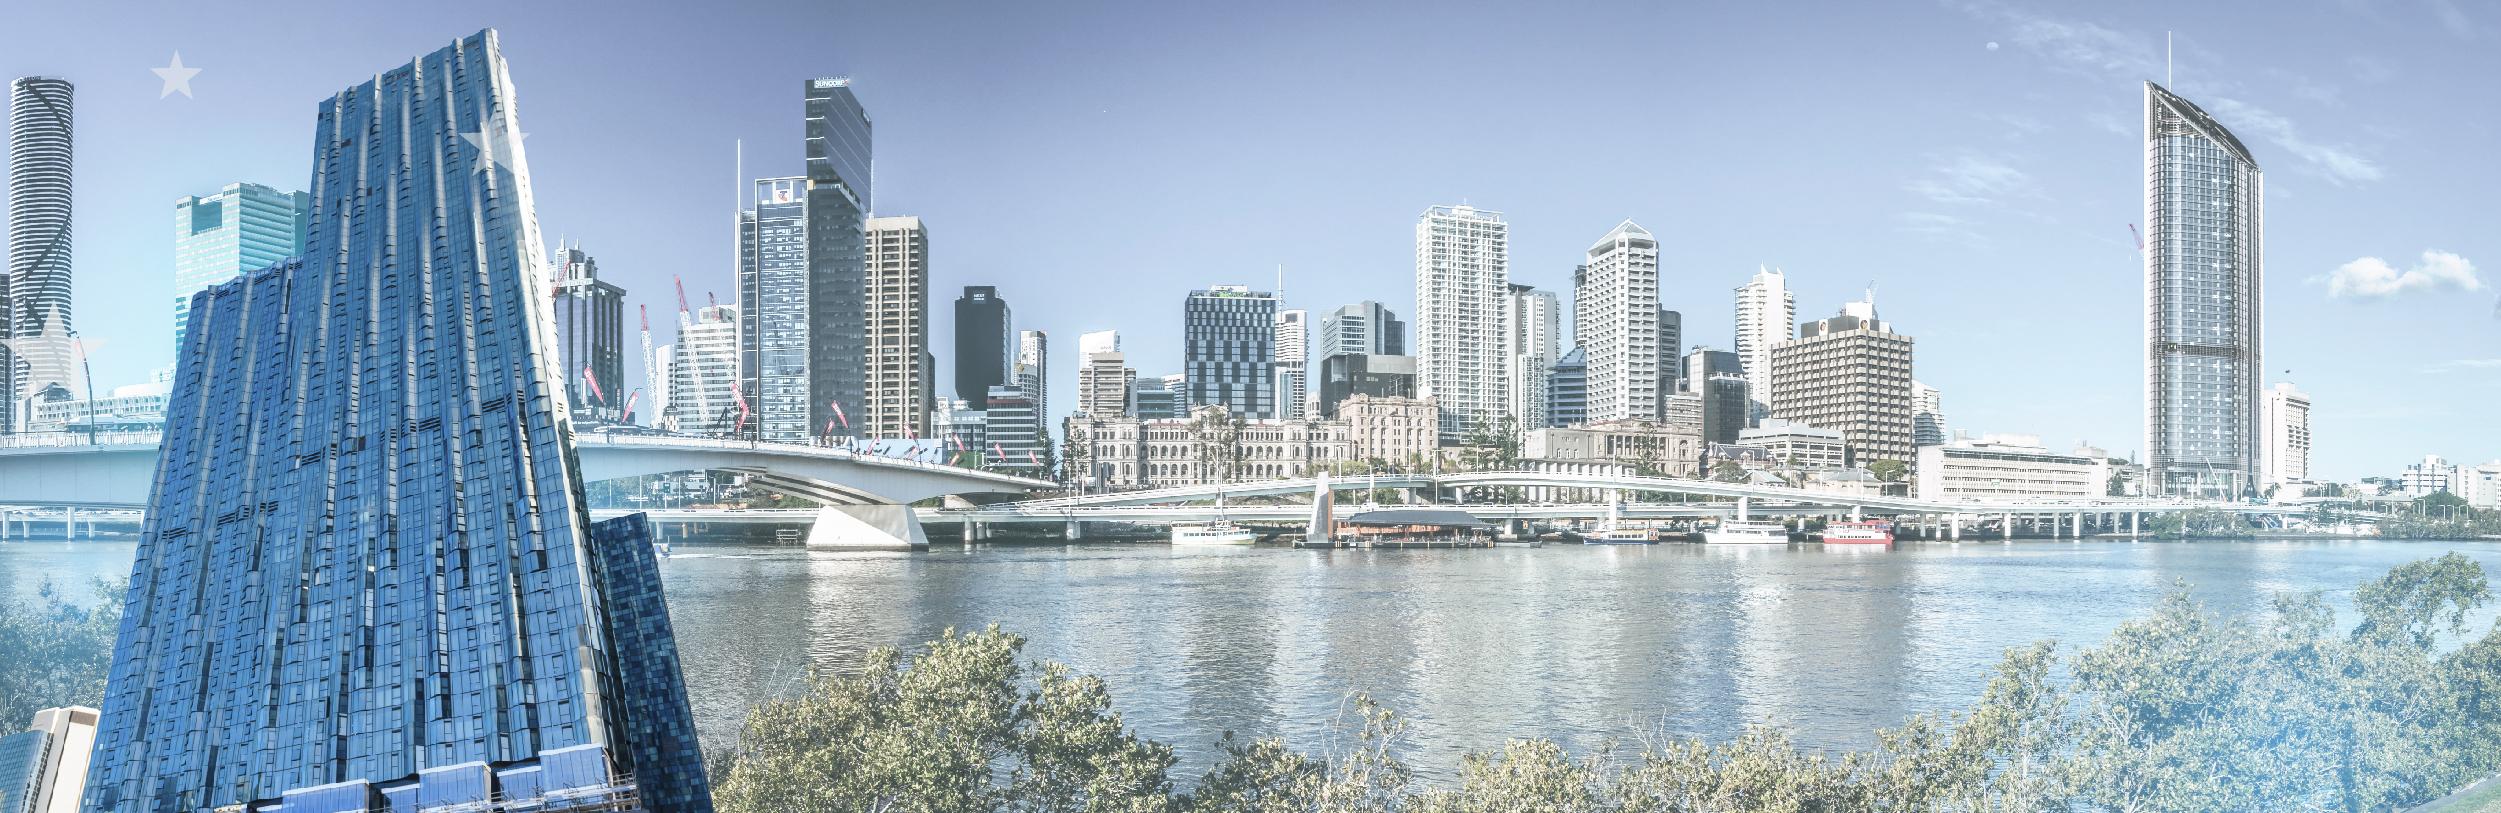 Thời điểm phù hợp để sở hữu bất động sản Úc tại Sydney, Melbourne, Brisbane